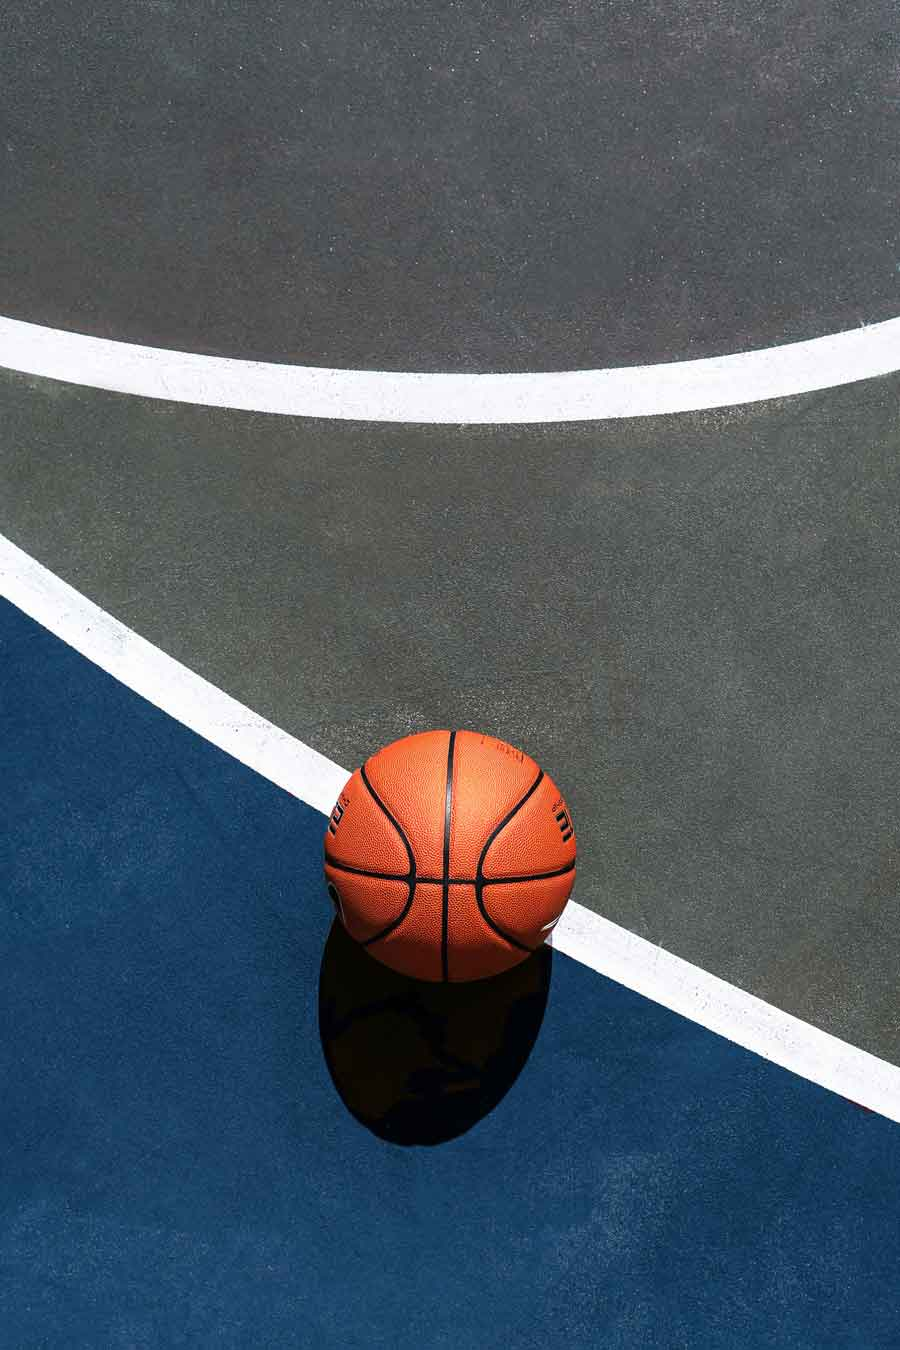 Basketboll på en basketplan. bakgrund delvis färgad i mediehusets färger